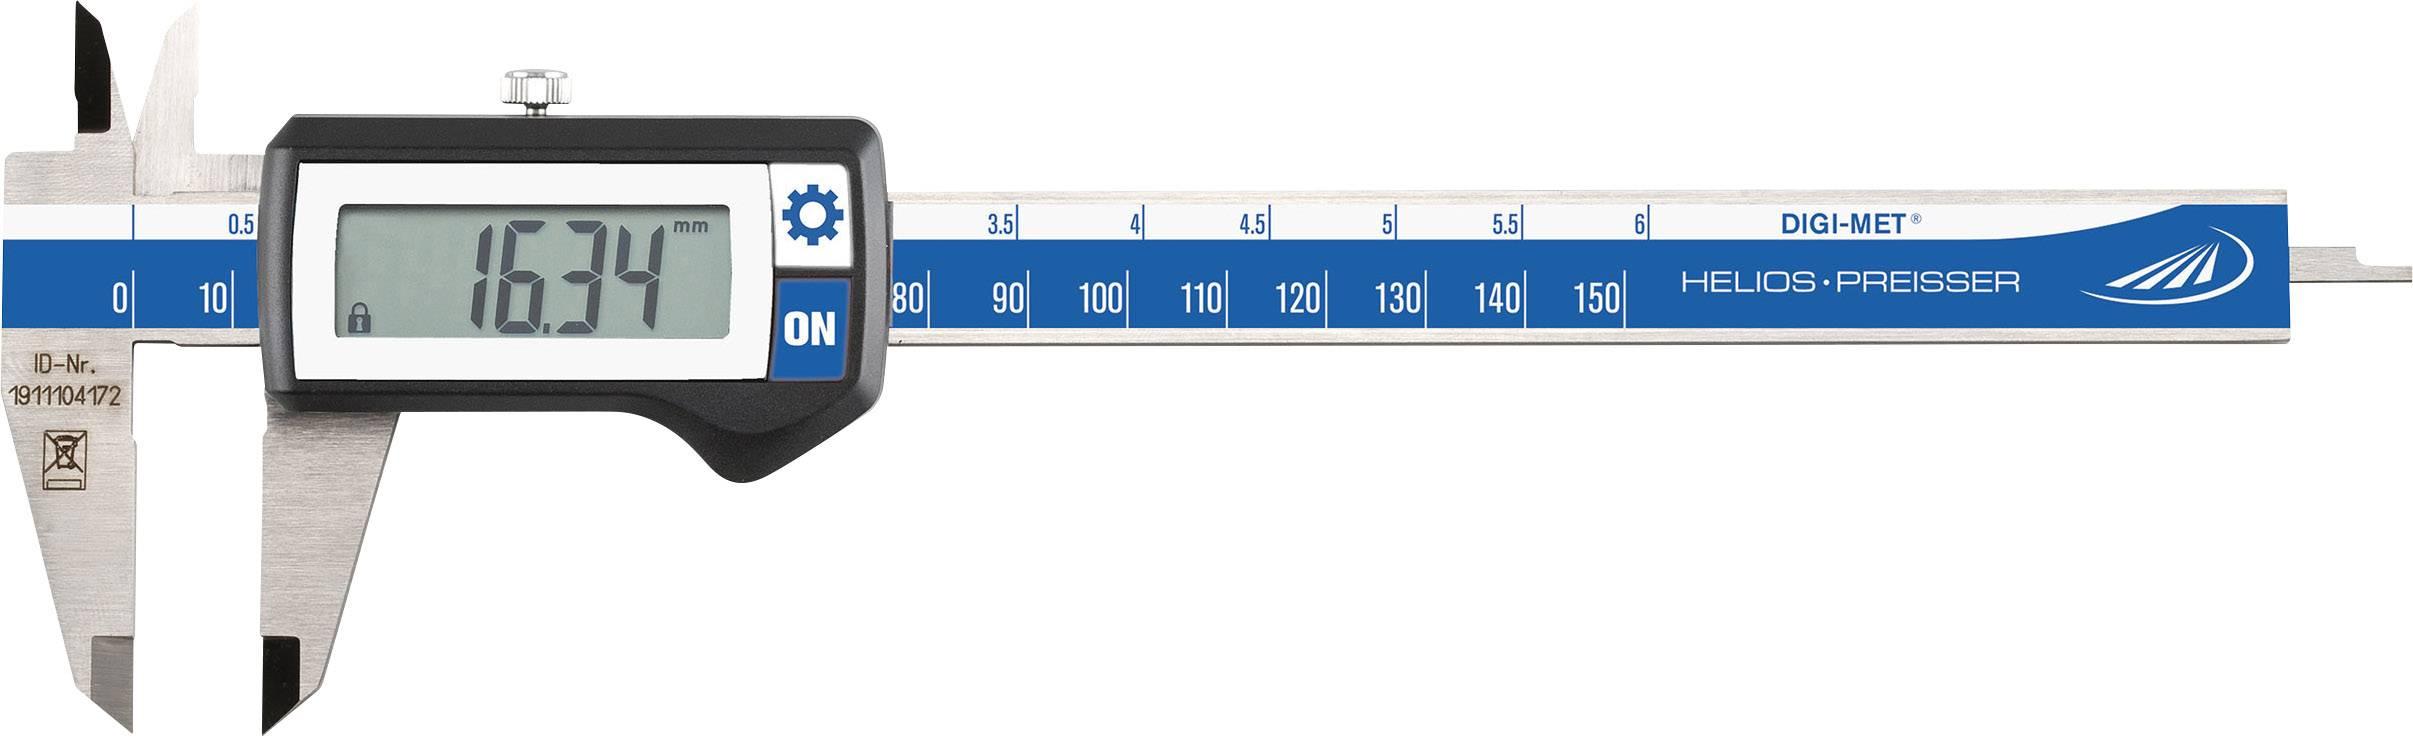 Digitální posuvné měřítko Helios Preisser DIGI-MET 1220 417, měřicí rozsah 150 mm, Kalibrováno dle ISO